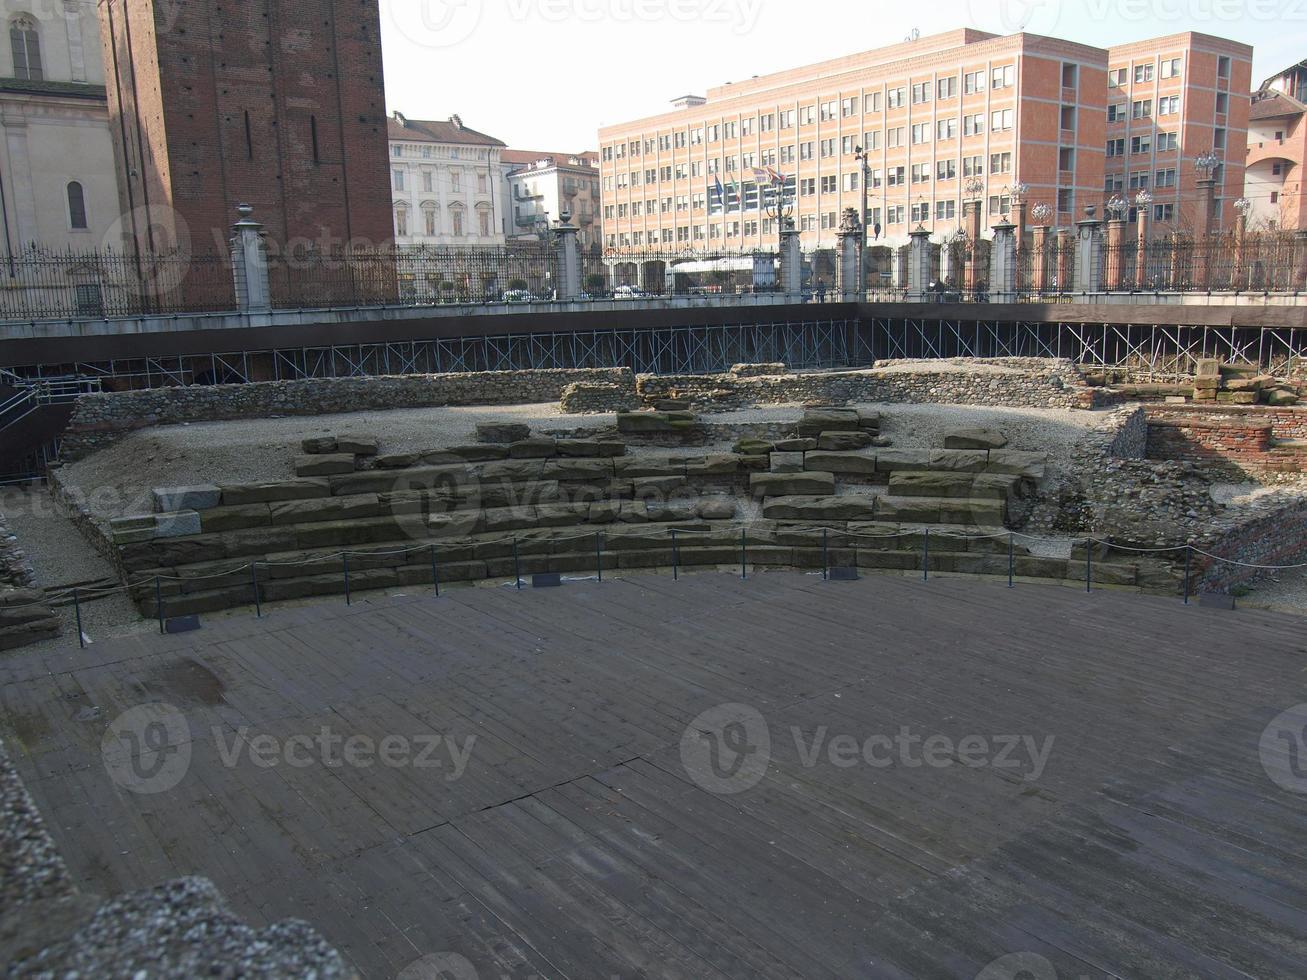 Römisches Theater, Turin foto